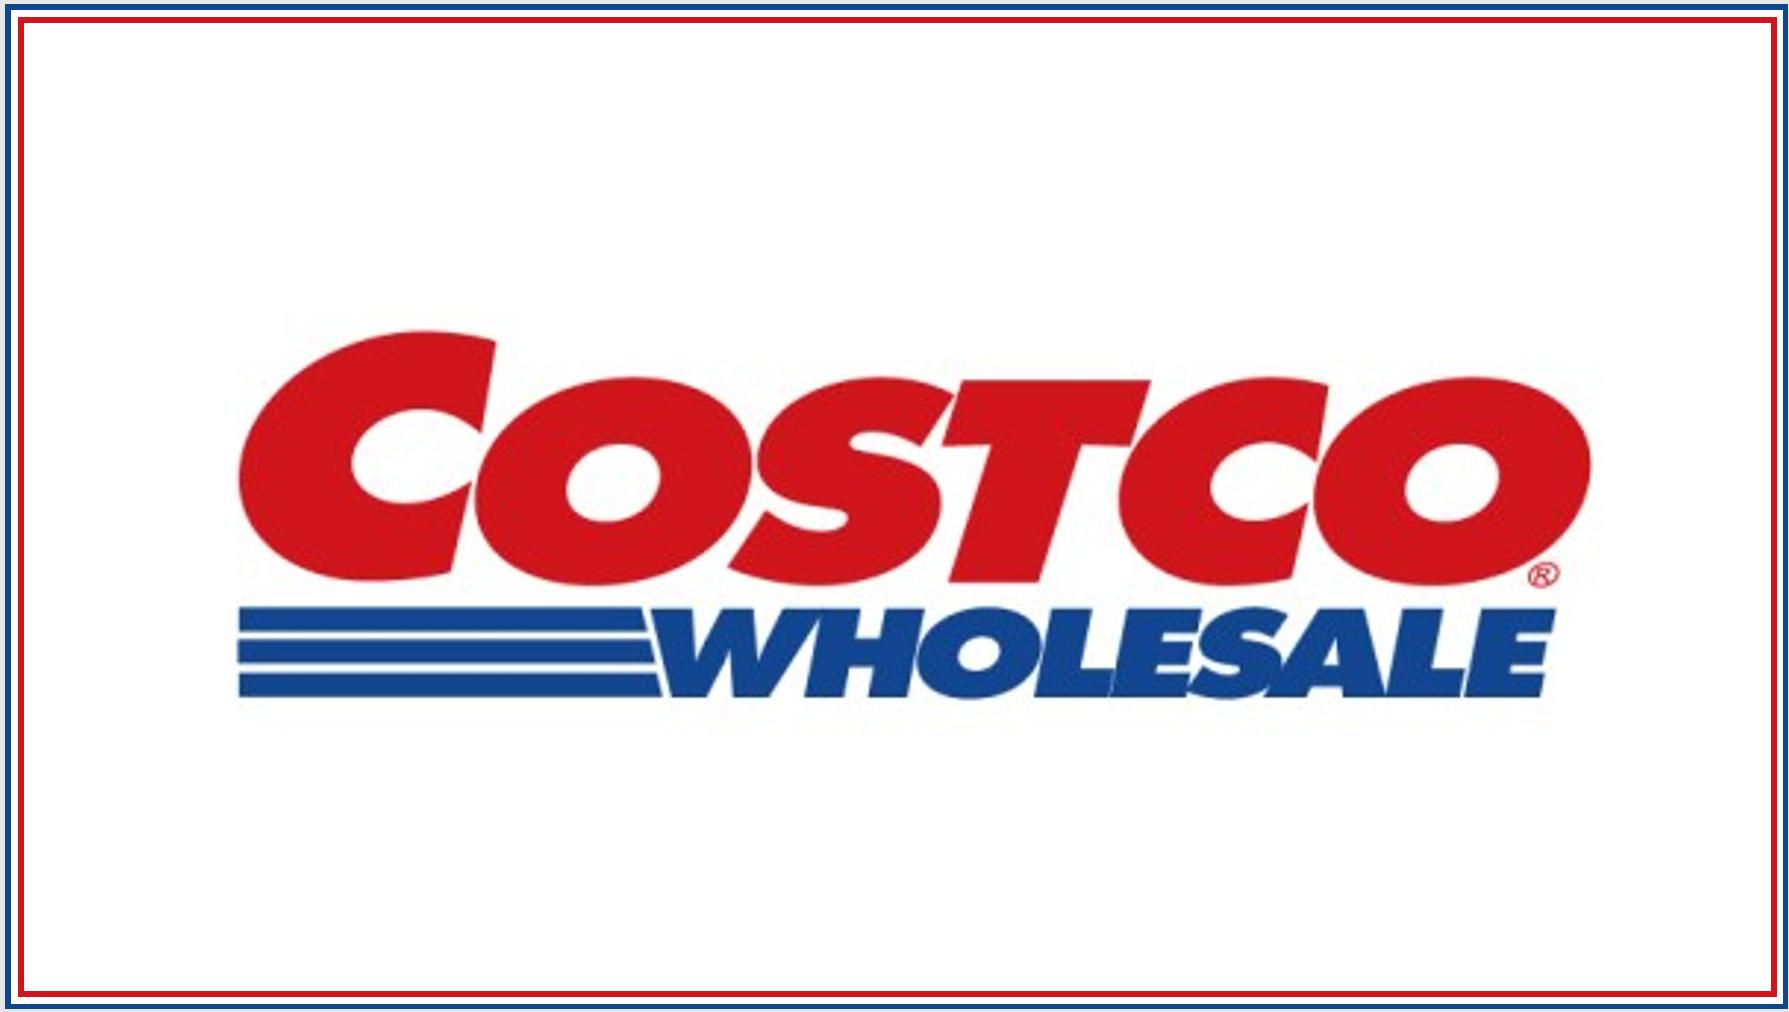 【2021年8月更新】コストコのおすすめ人気商品ランキング35選!食品から日用品までまとめて紹介